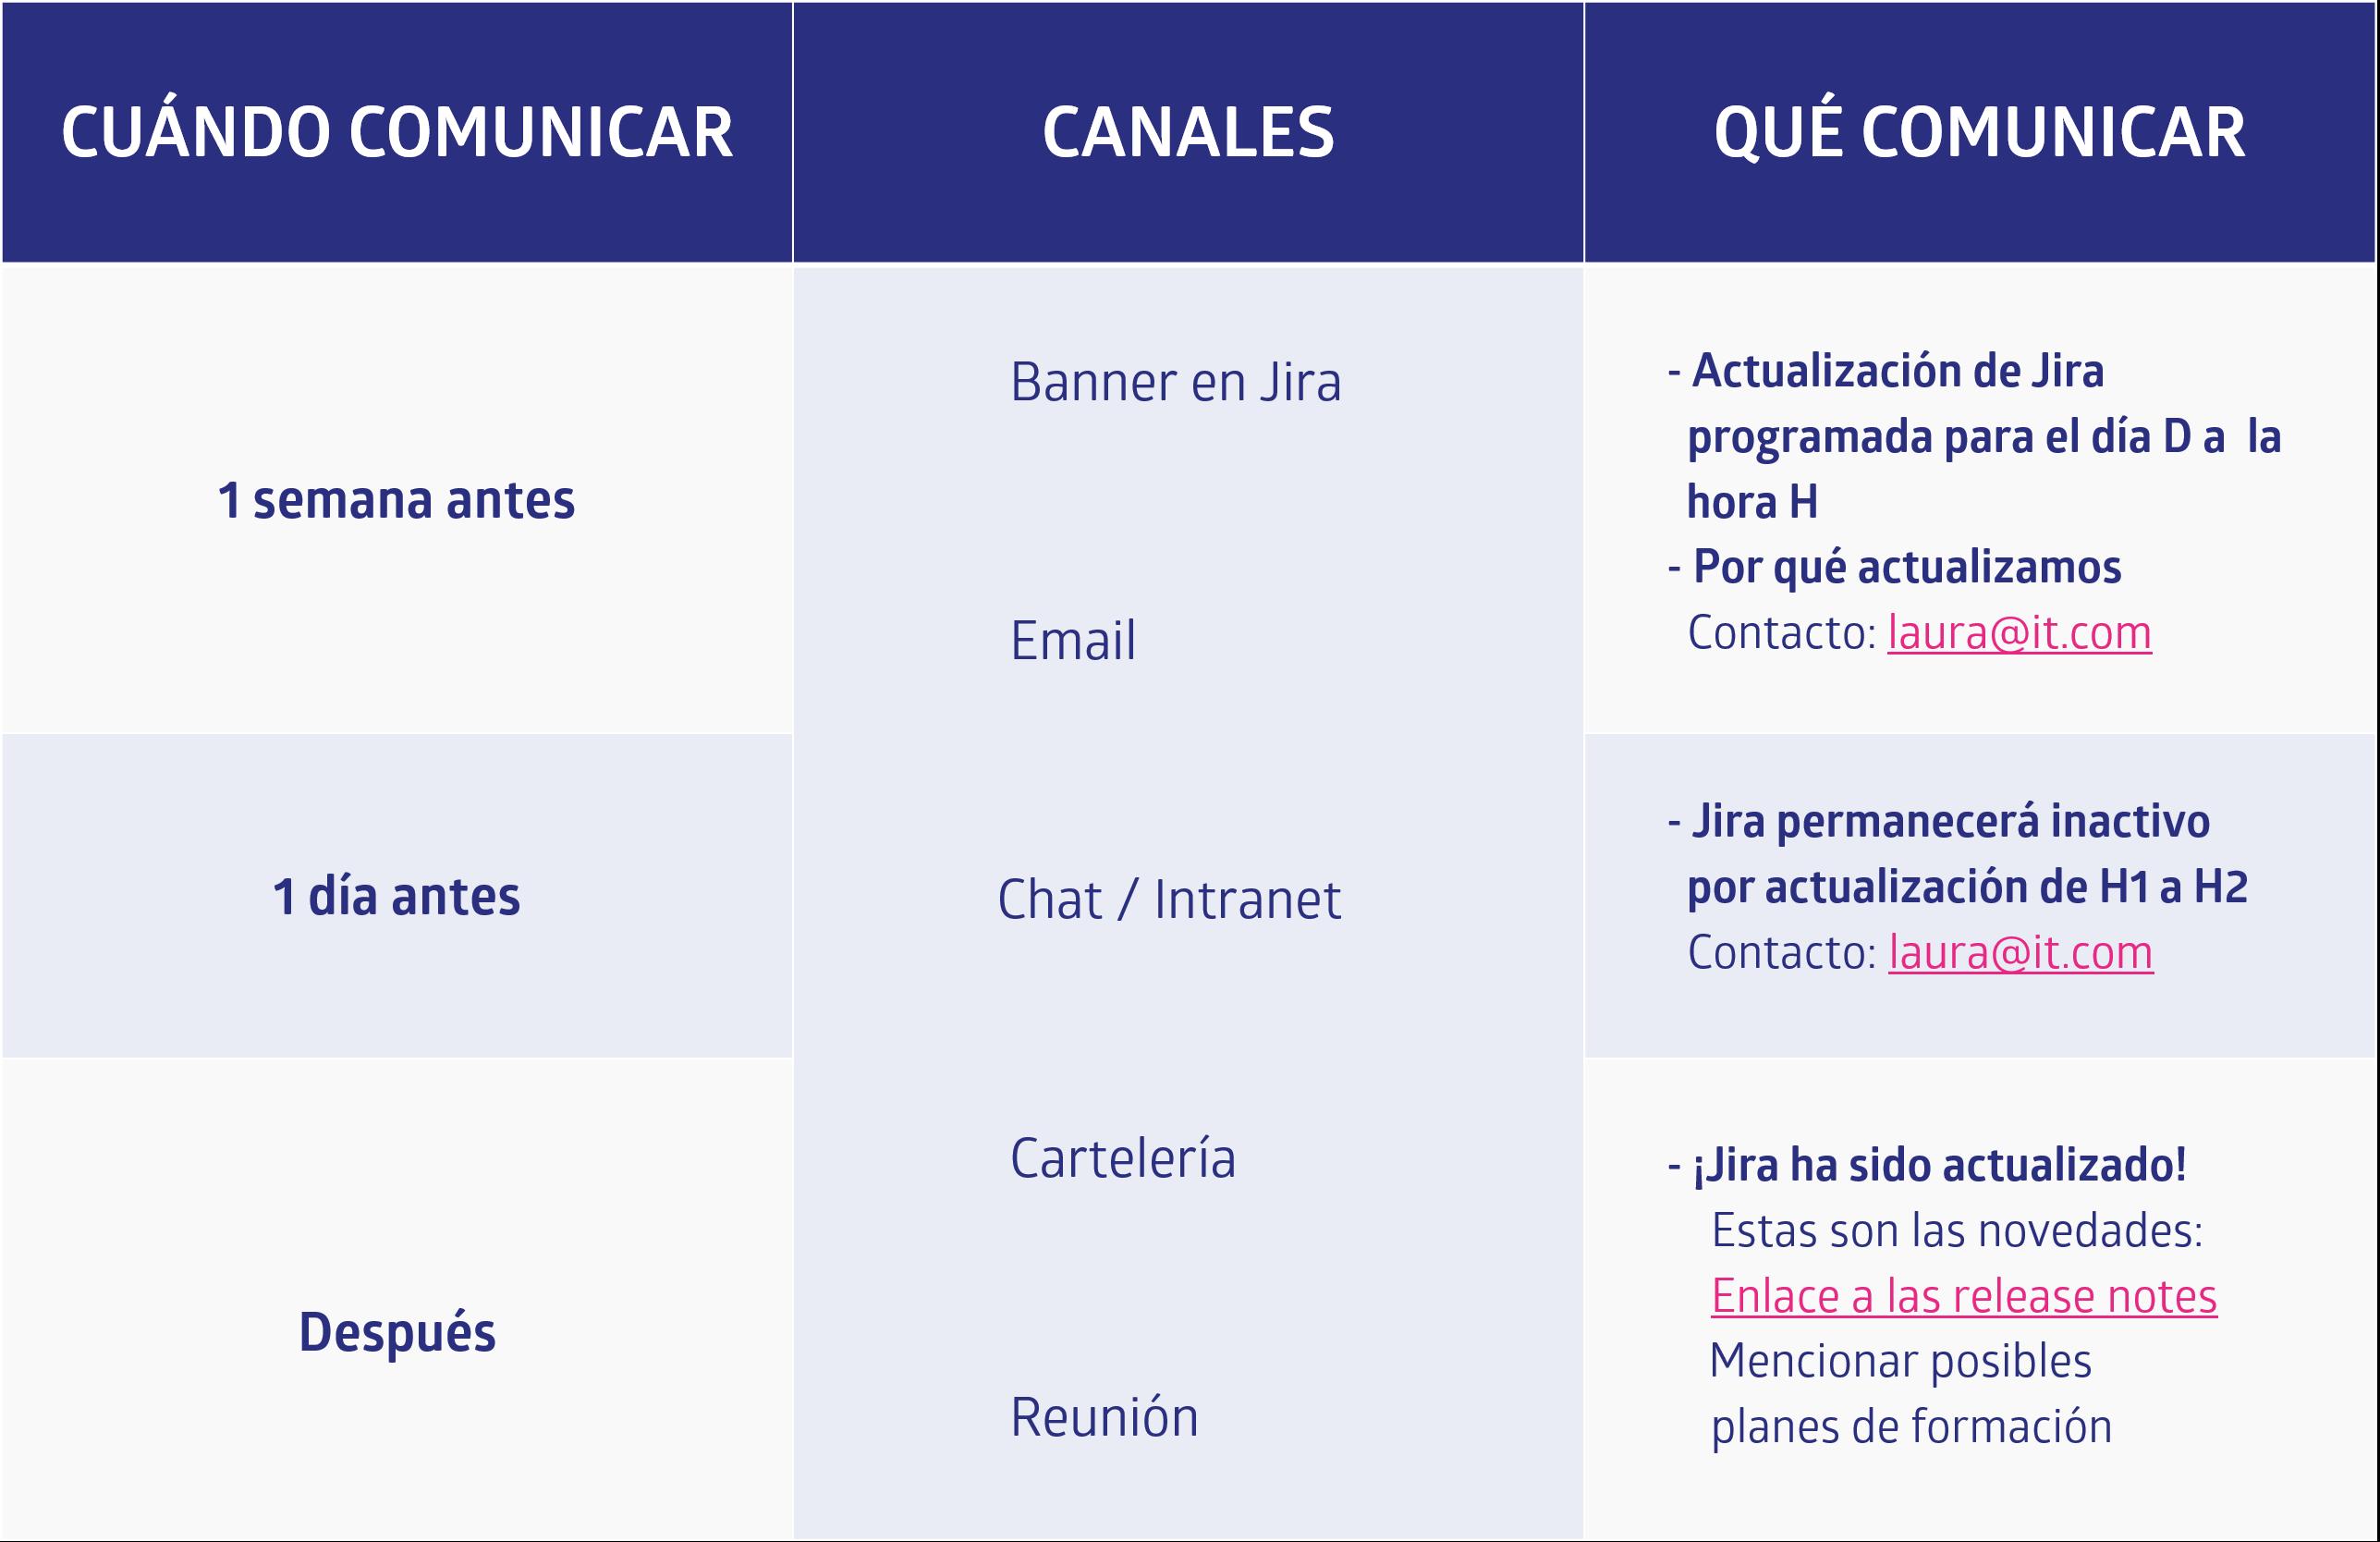 Diagrama de comunicación de actualización/upgrade de Jira a las partes interesadas